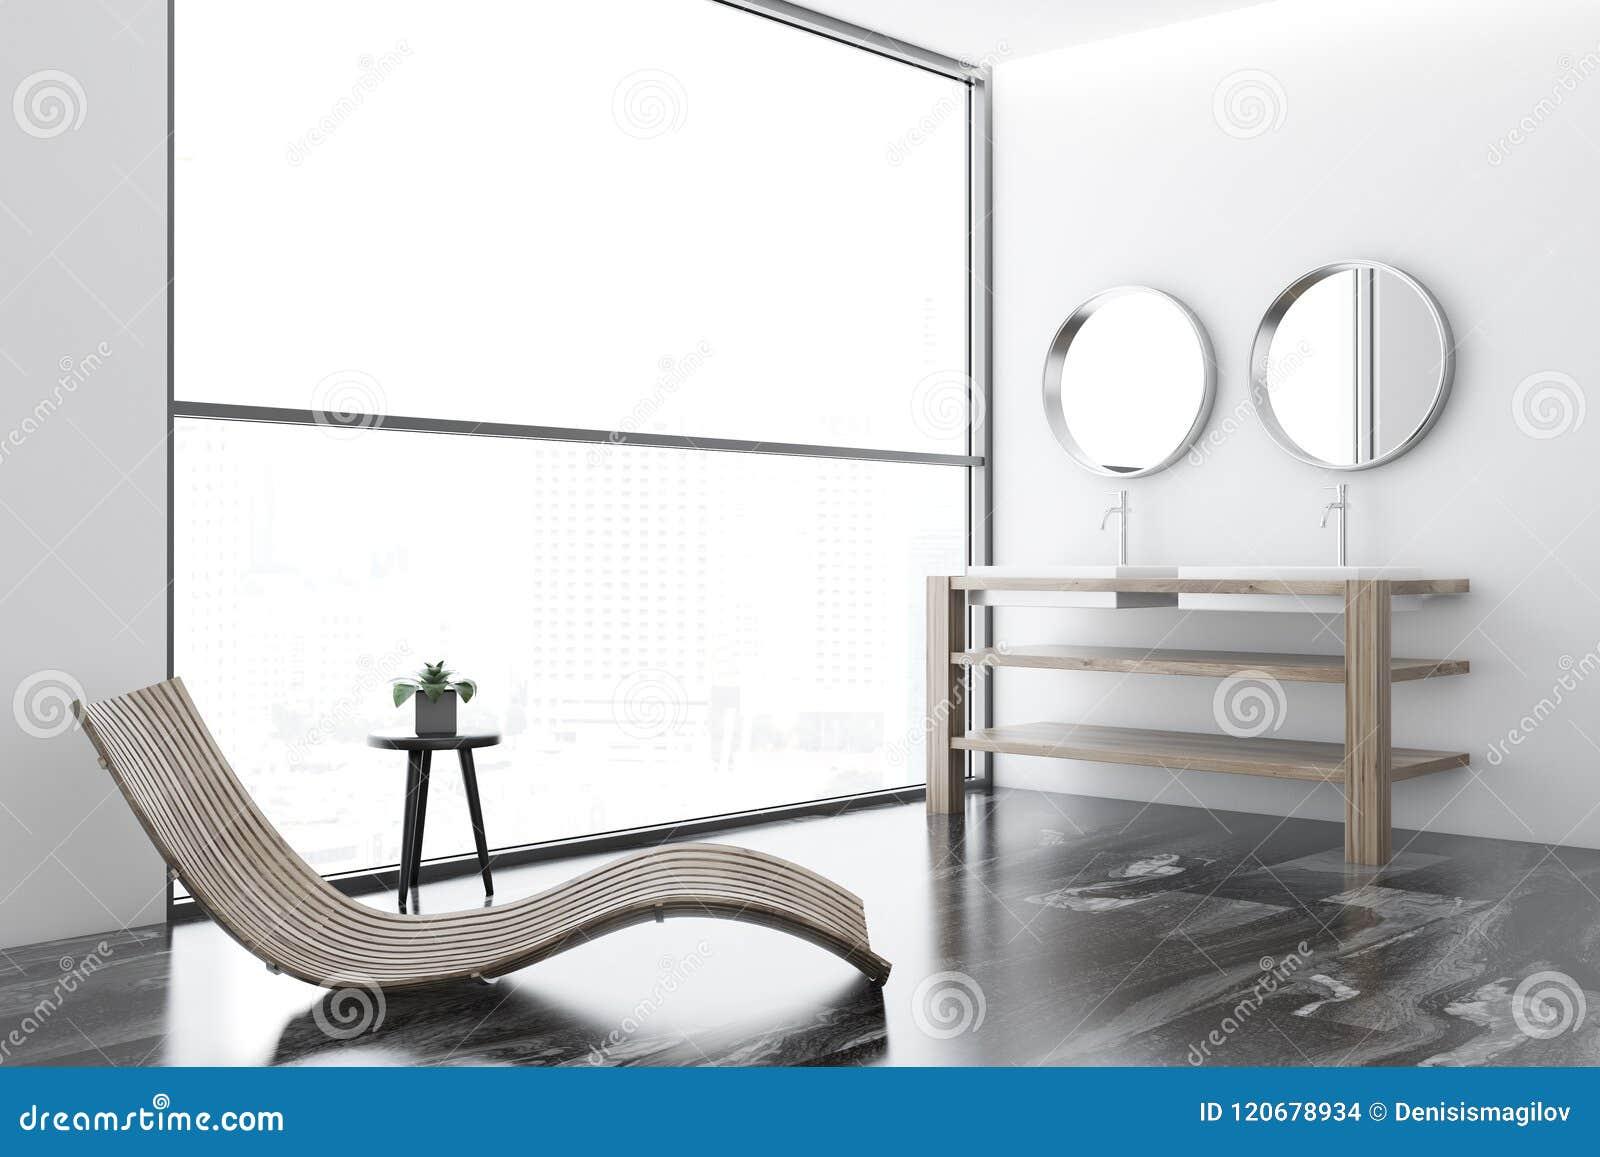 Espejos Redondos Lavabo.Loft La Esquina De Lujo De Marmol Del Cuarto De Bano